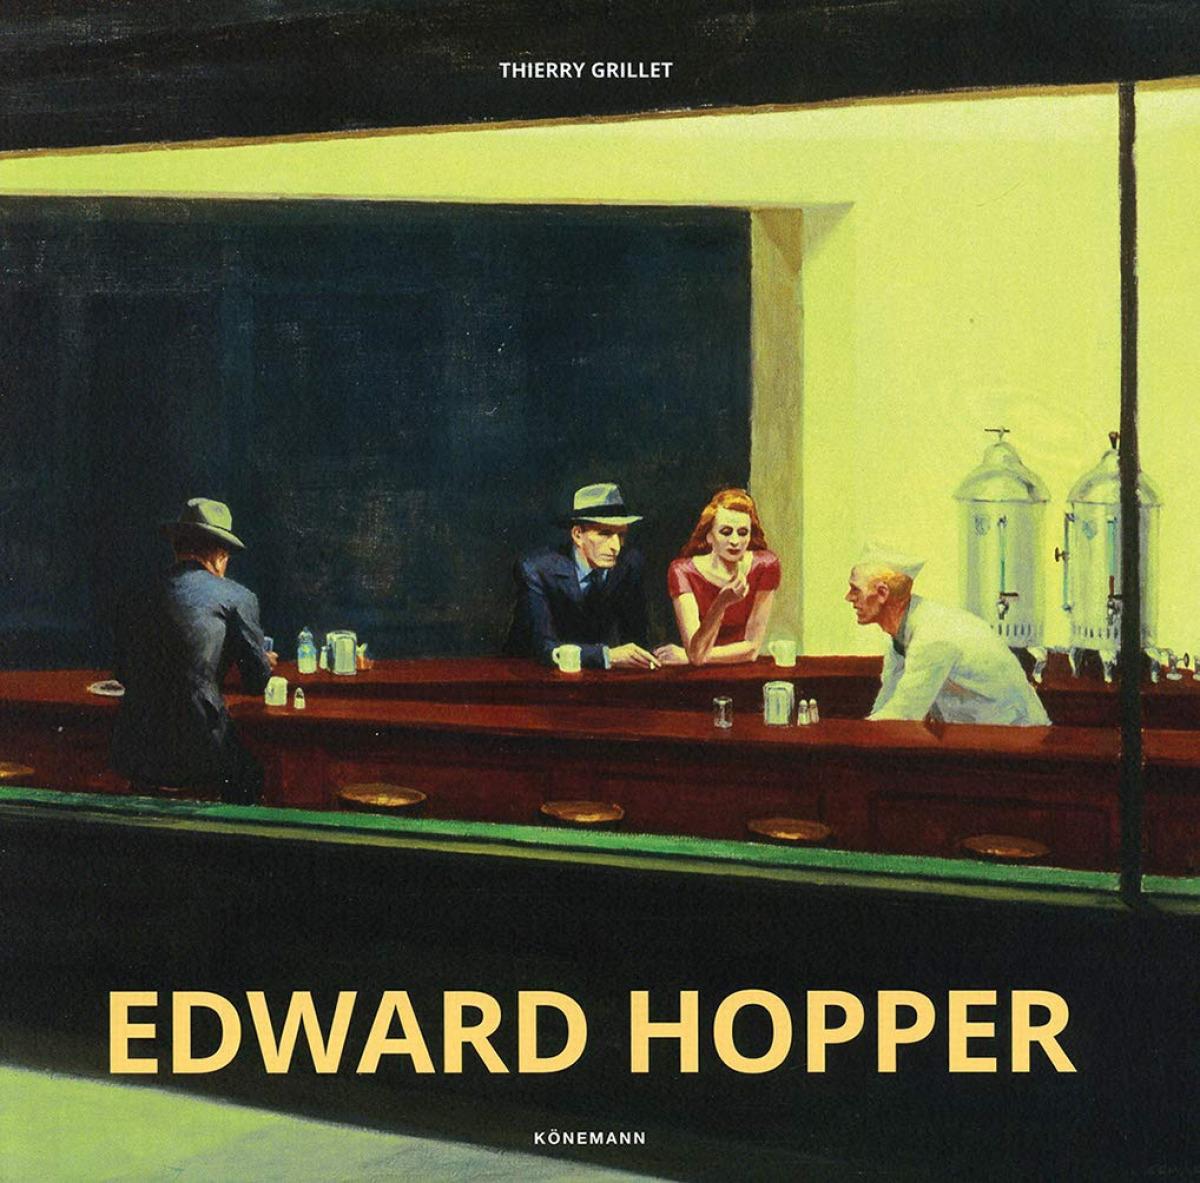 EDWARD HOPPER 9783741921483